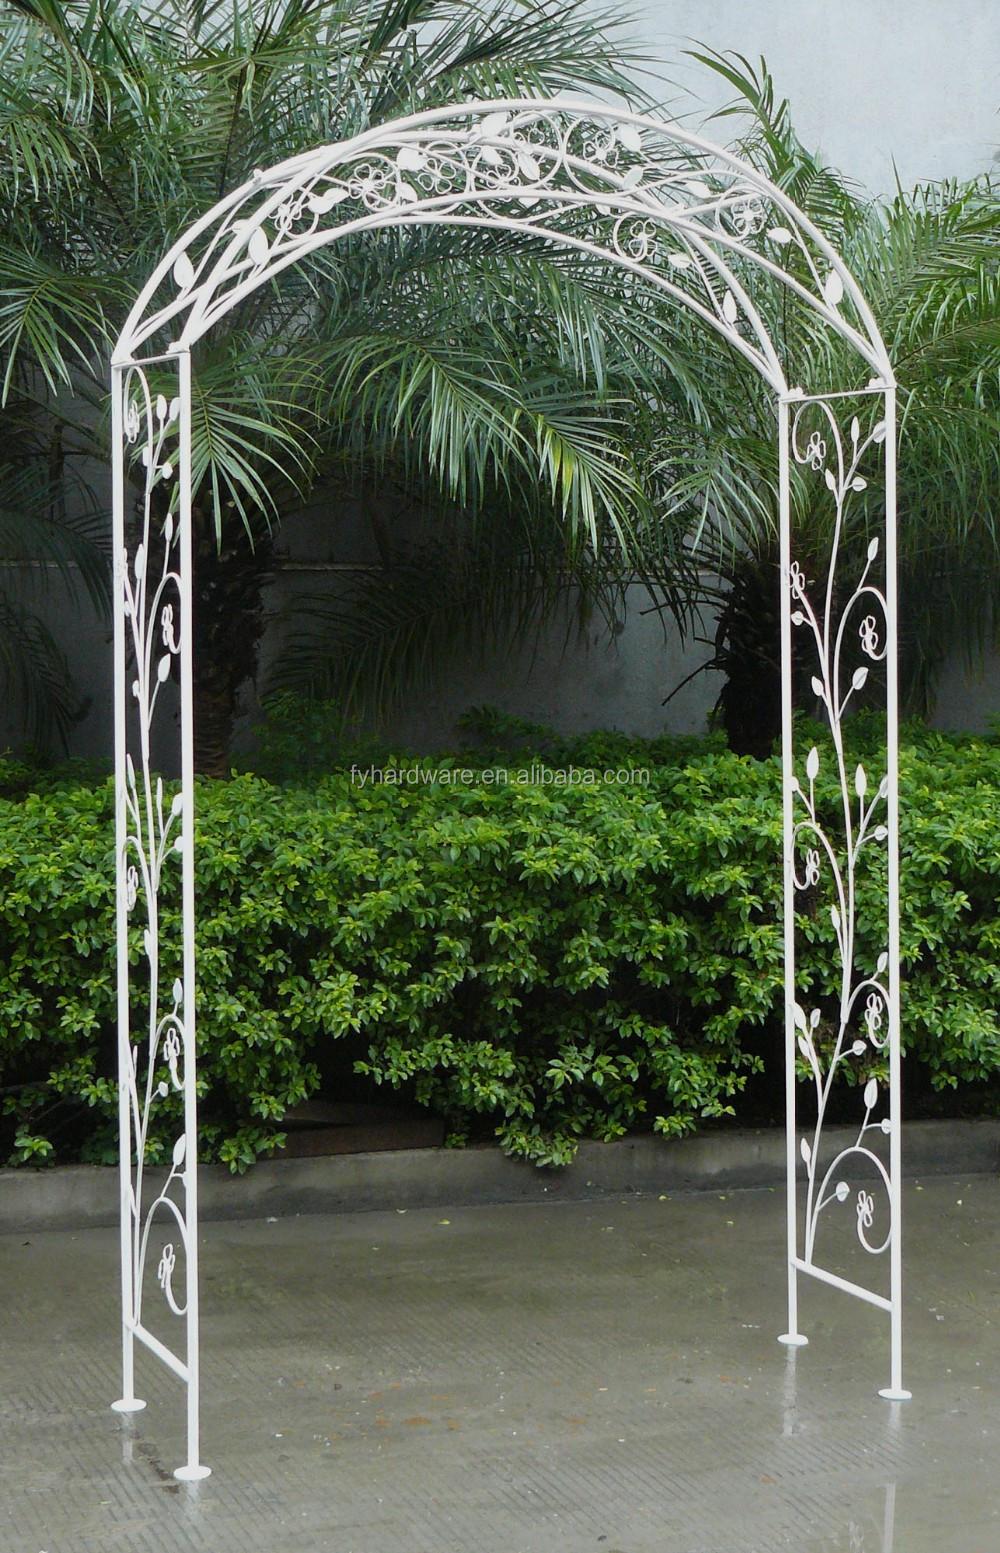 75ft Arco Jardn Hierro Forjado Material Y Decorativo Arbor Buy